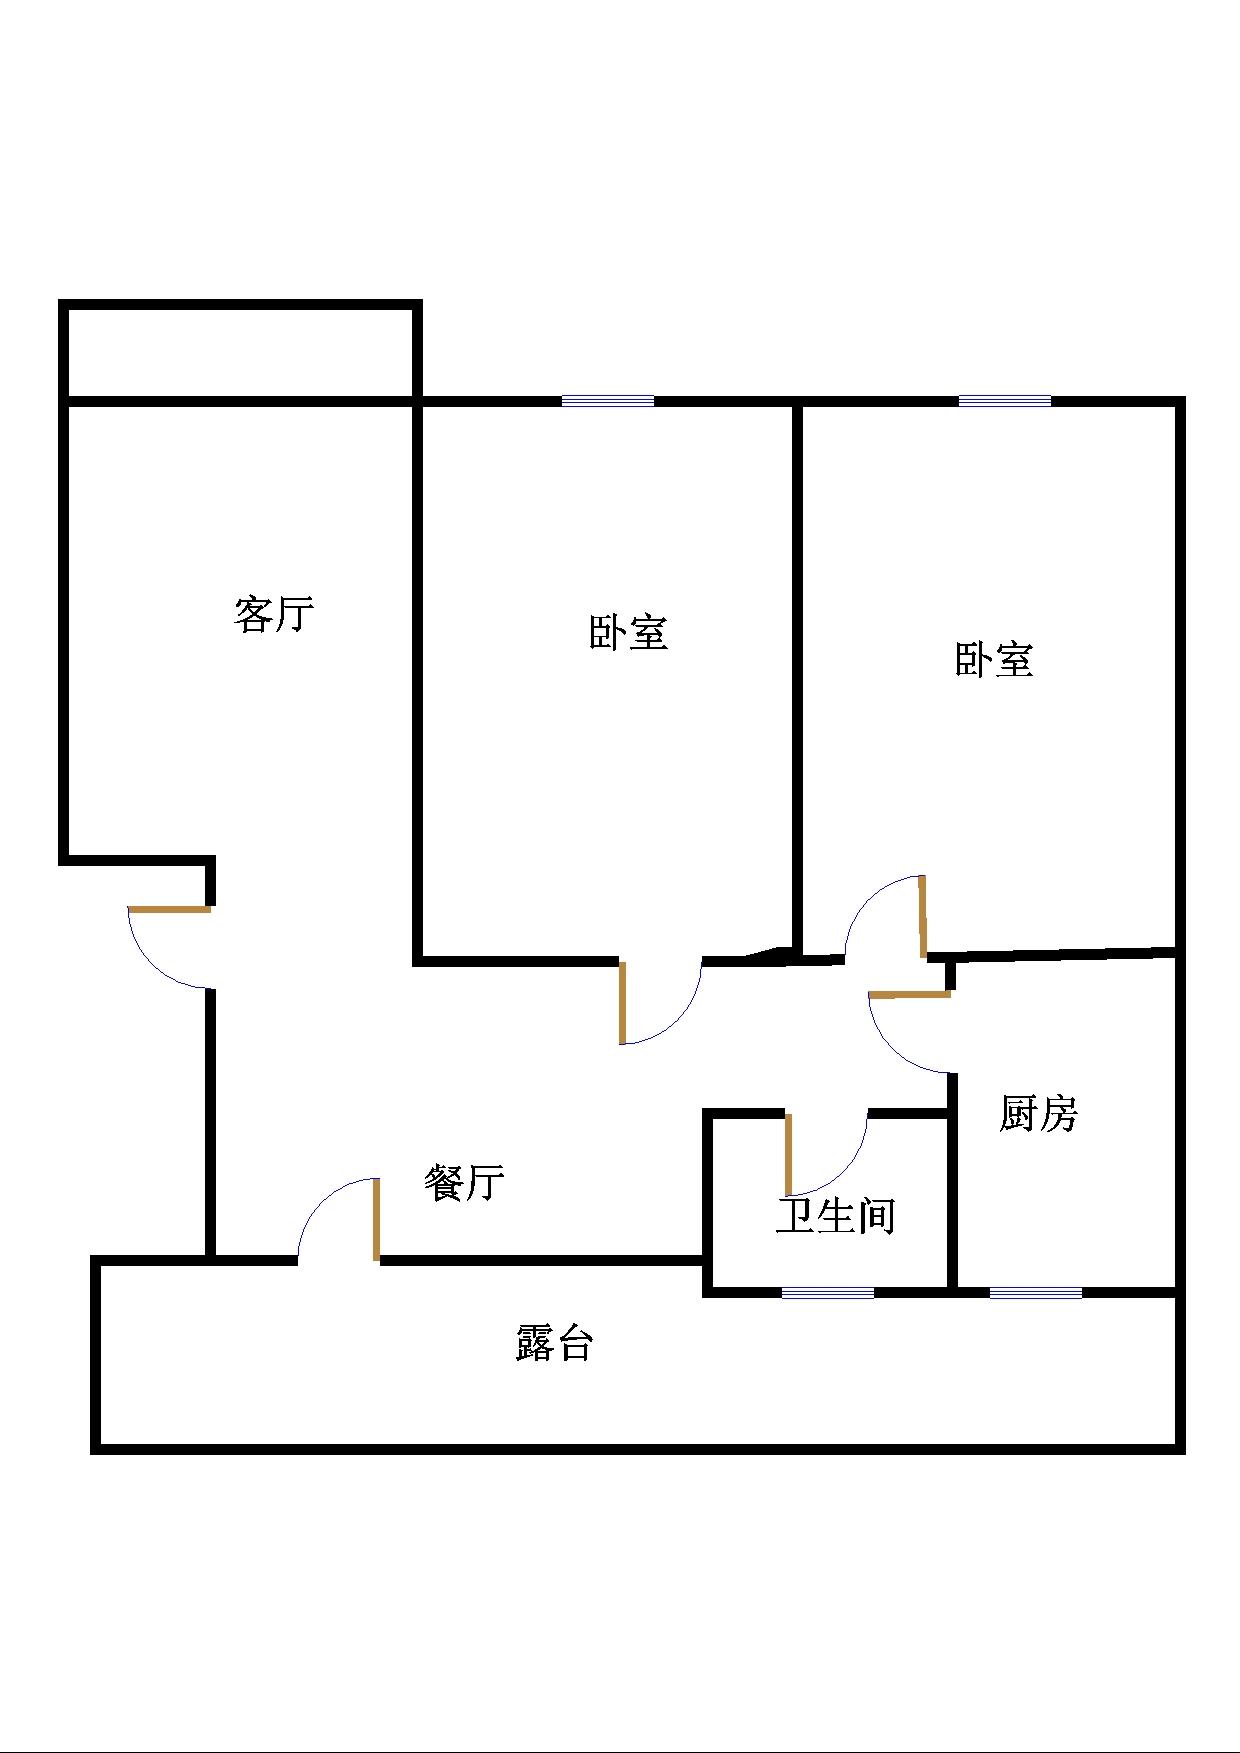 嘉诚尚东 2室1厅  简装 85万